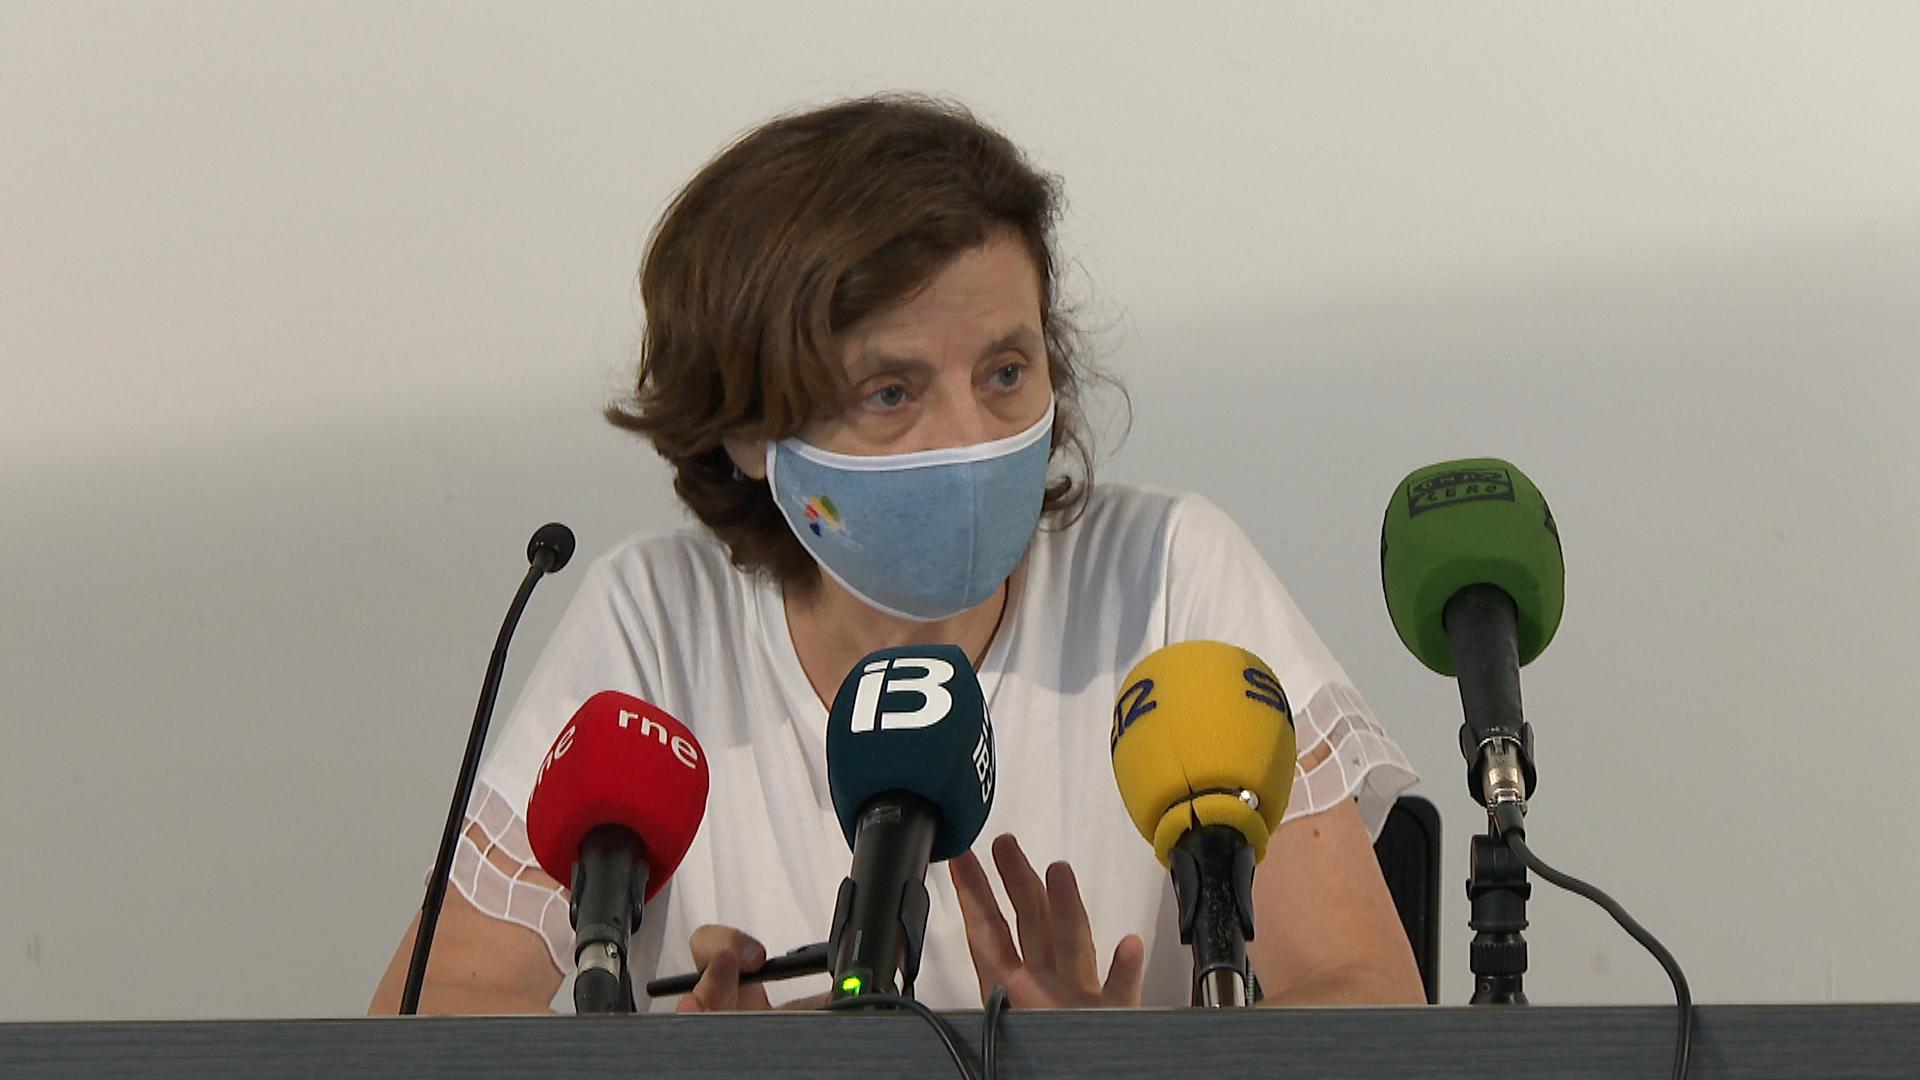 Fina+Santiago%3A+%E2%80%9CSi+estiguessin+morint+joves+no+hi+hauria+debat+sobre+l%E2%80%99obligatorietat+de+la+vacuna%E2%80%9D